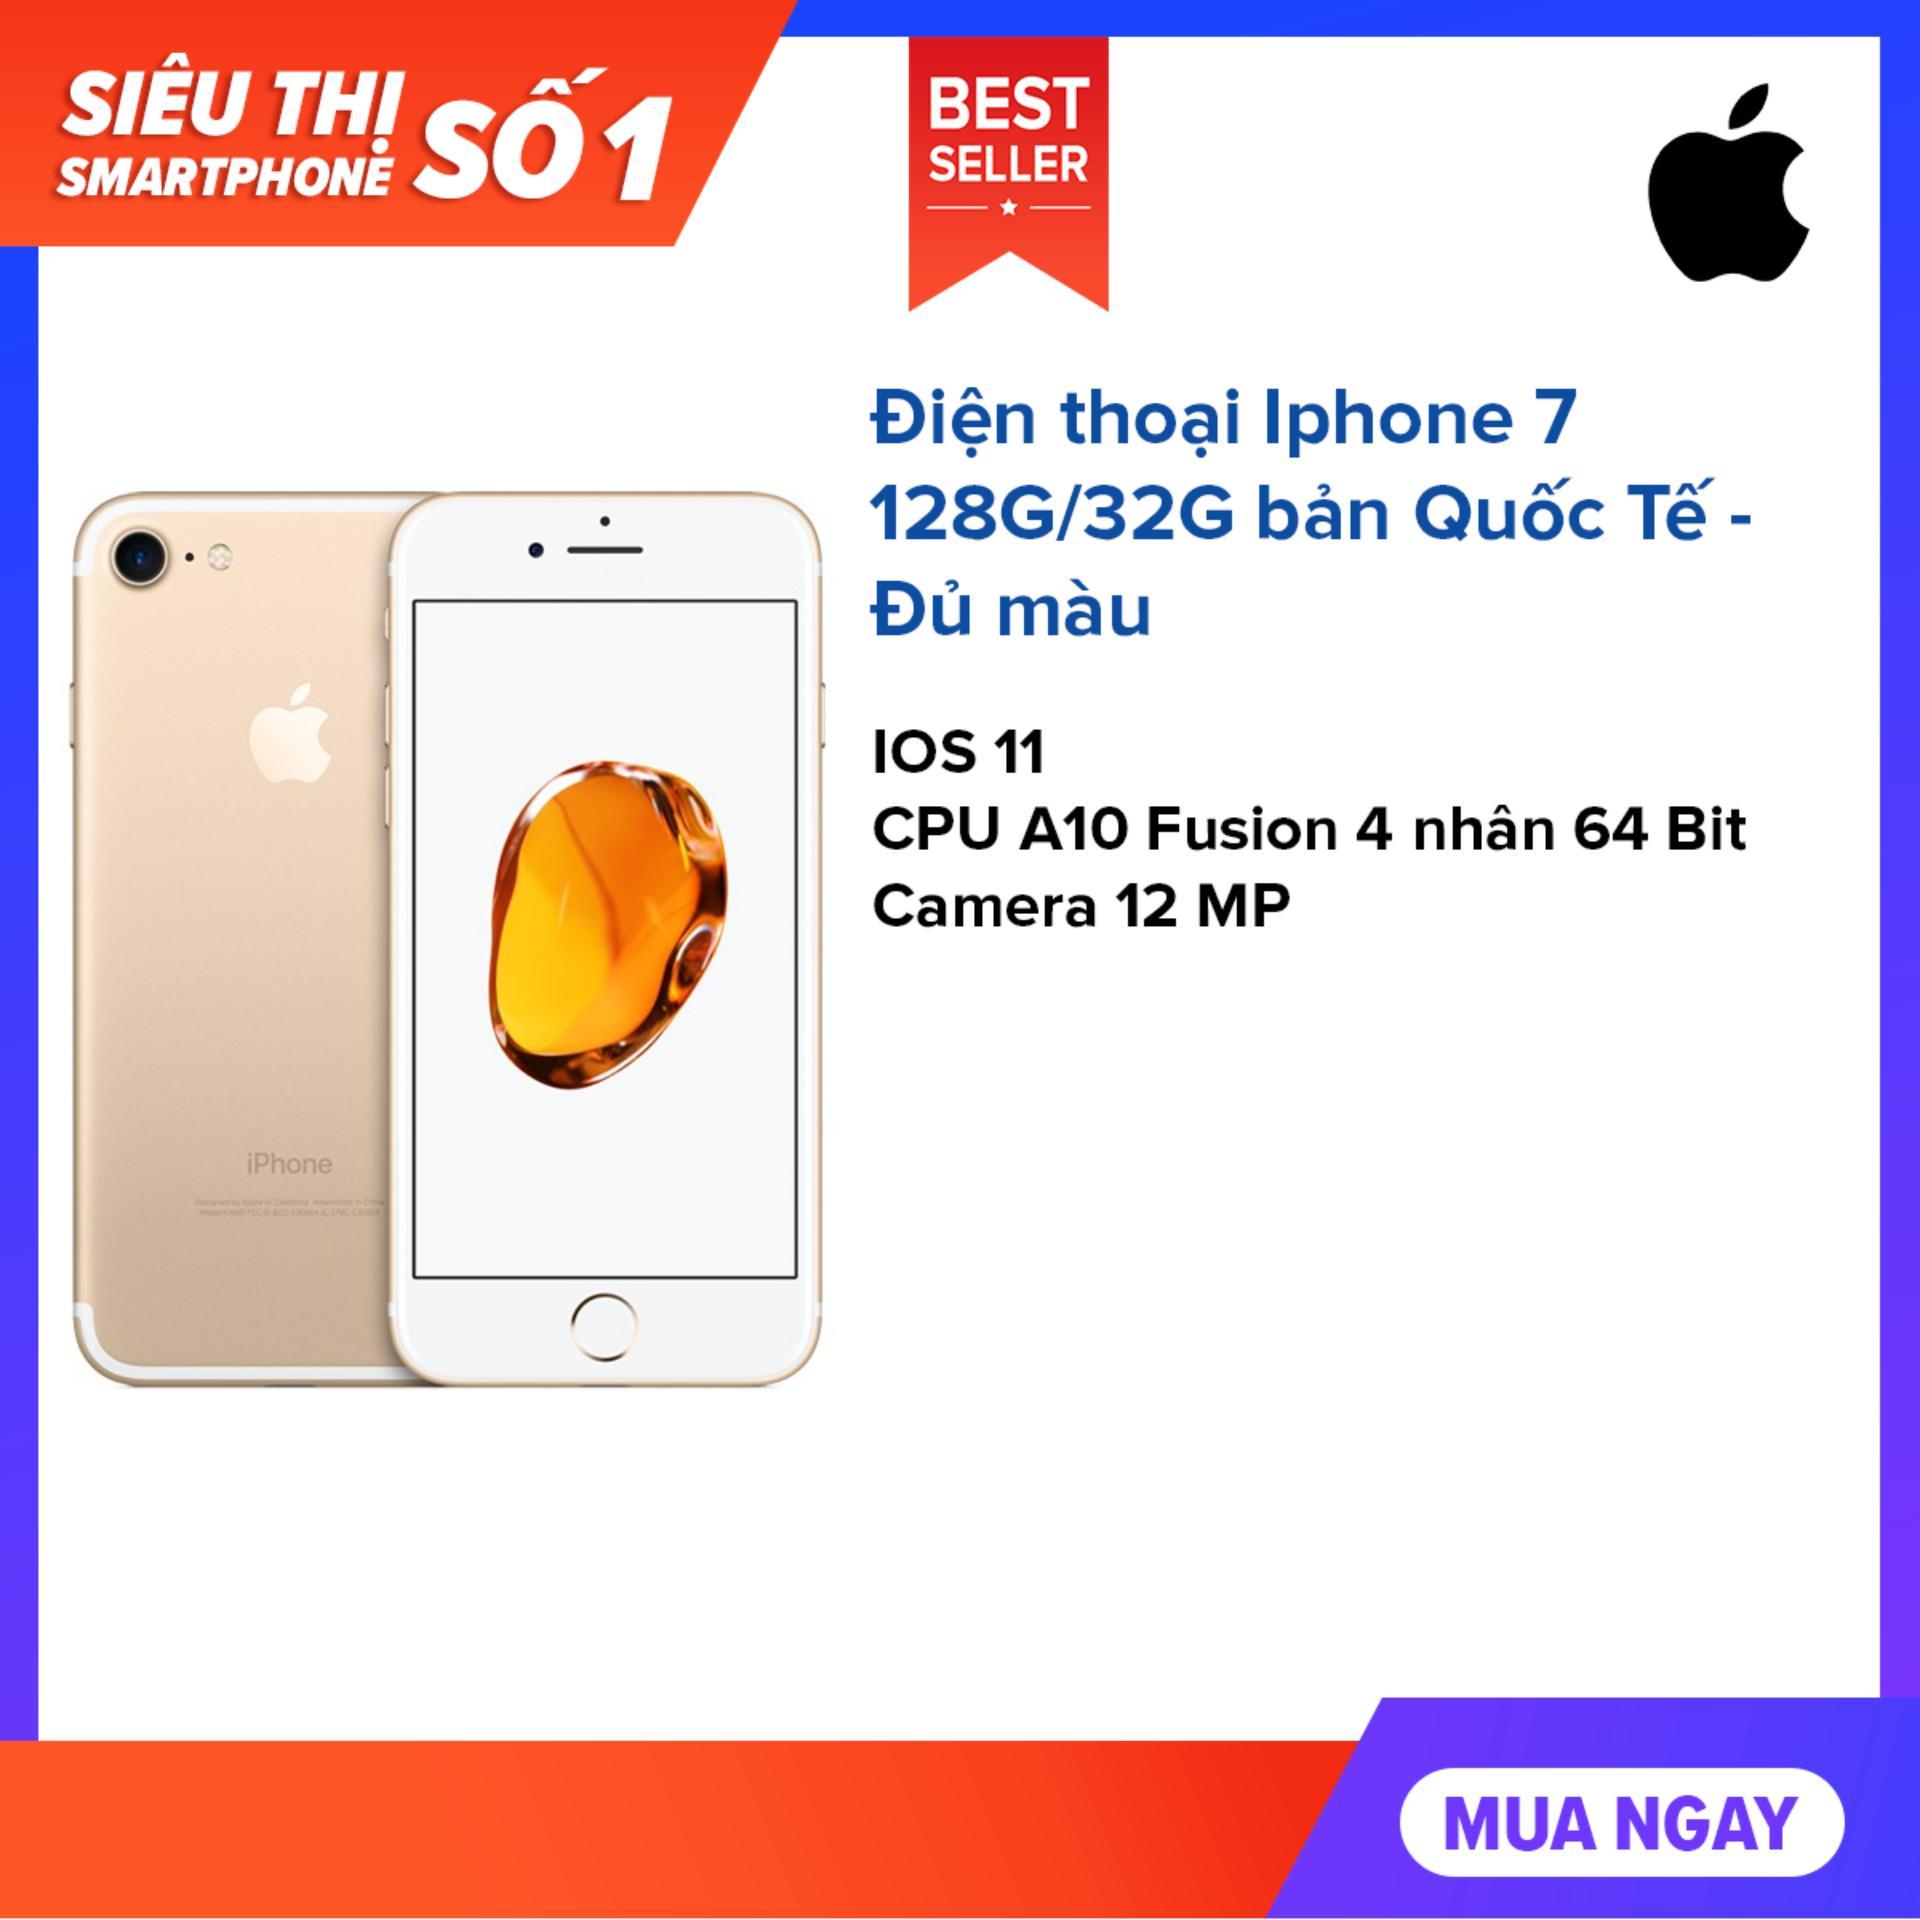 Điện thoại Iphone 7 128G/32G bản Quốc Tế - Đủ màu